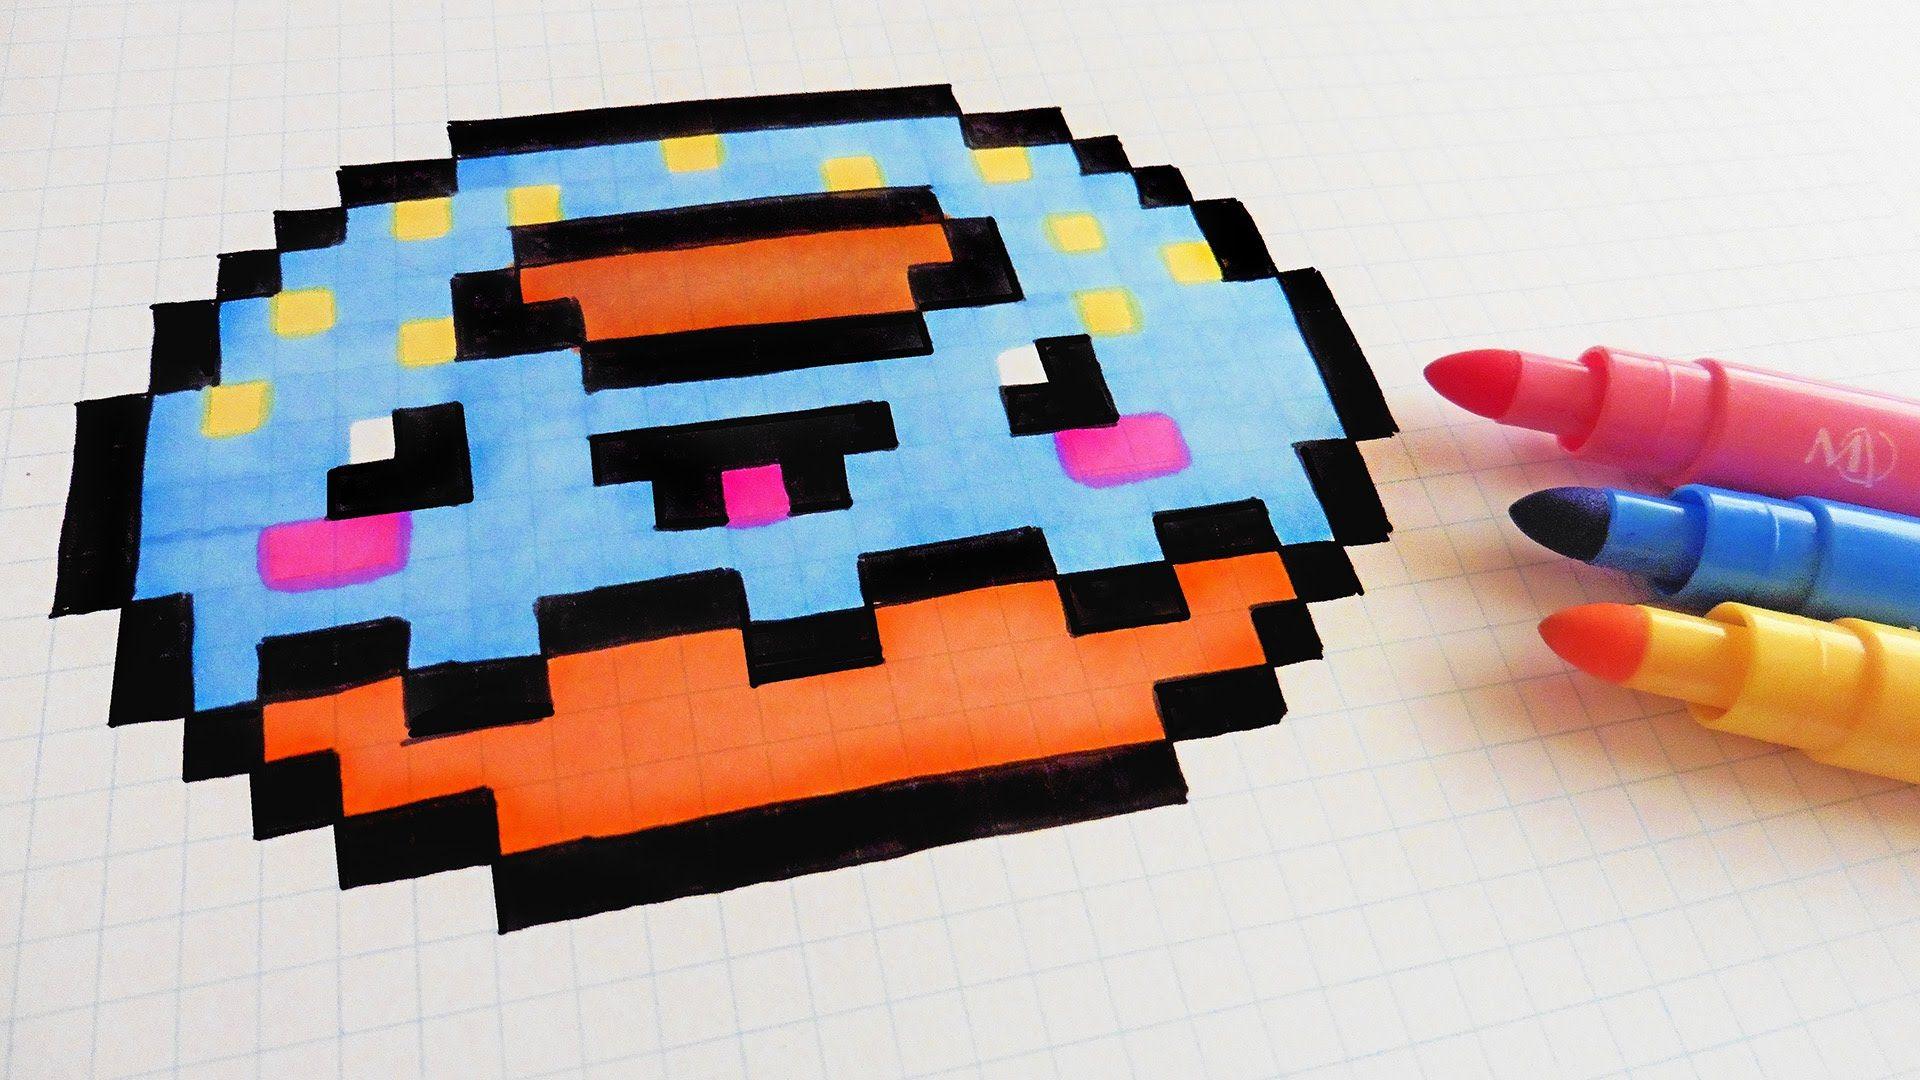 Handmade Pixel Art - How To Draw Kawaii Donut #pixelart | Pixel art ...